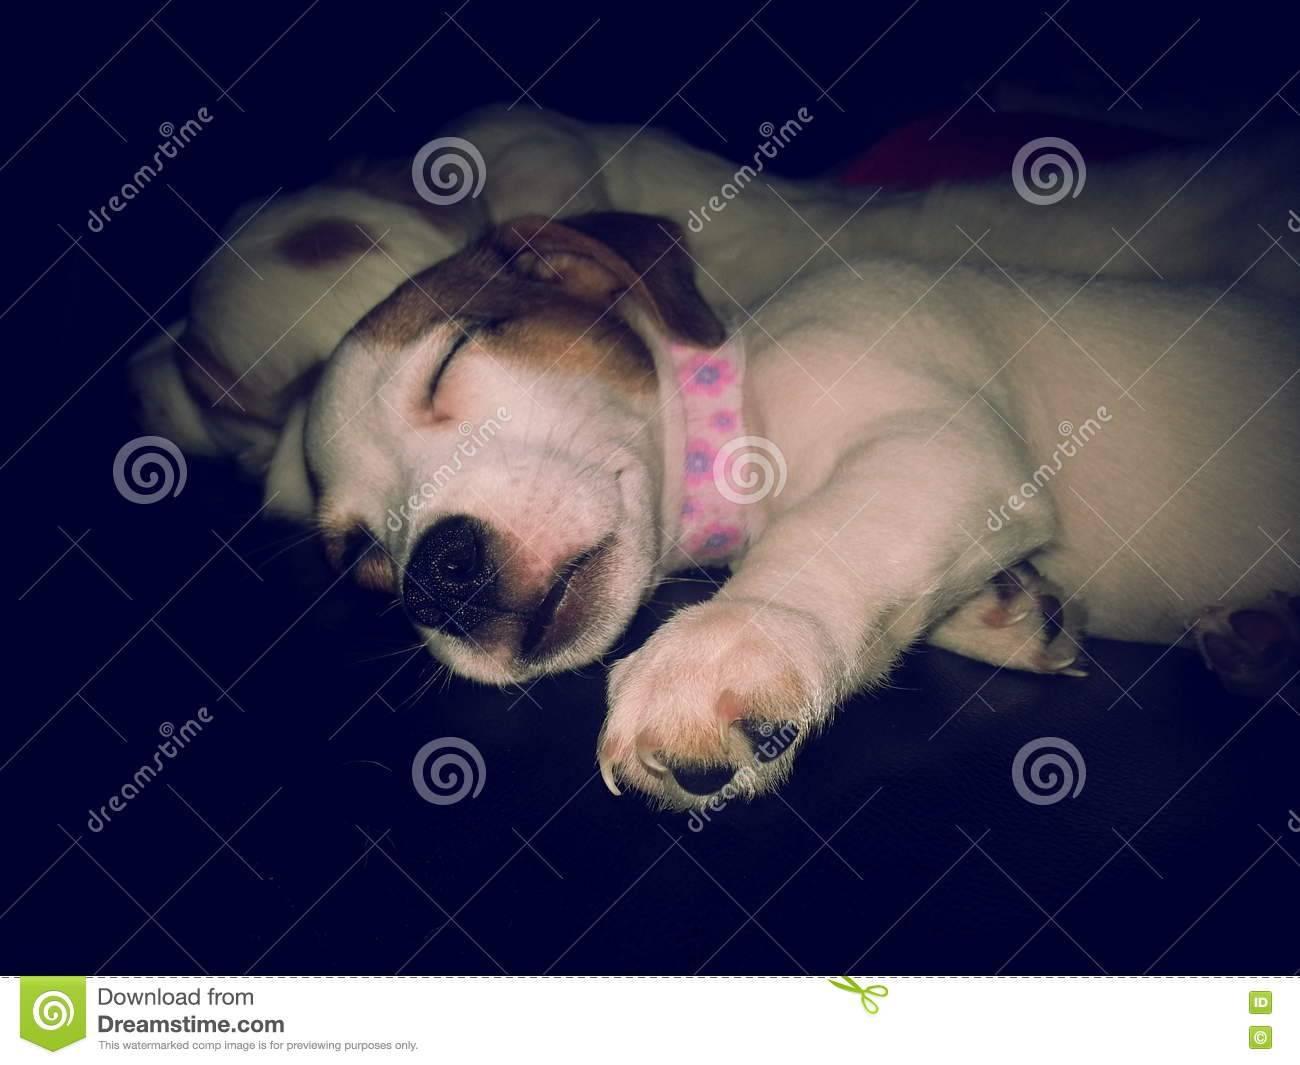 Приучить собаку спать со мной. как приучить щенка спать ночью: полезные советы